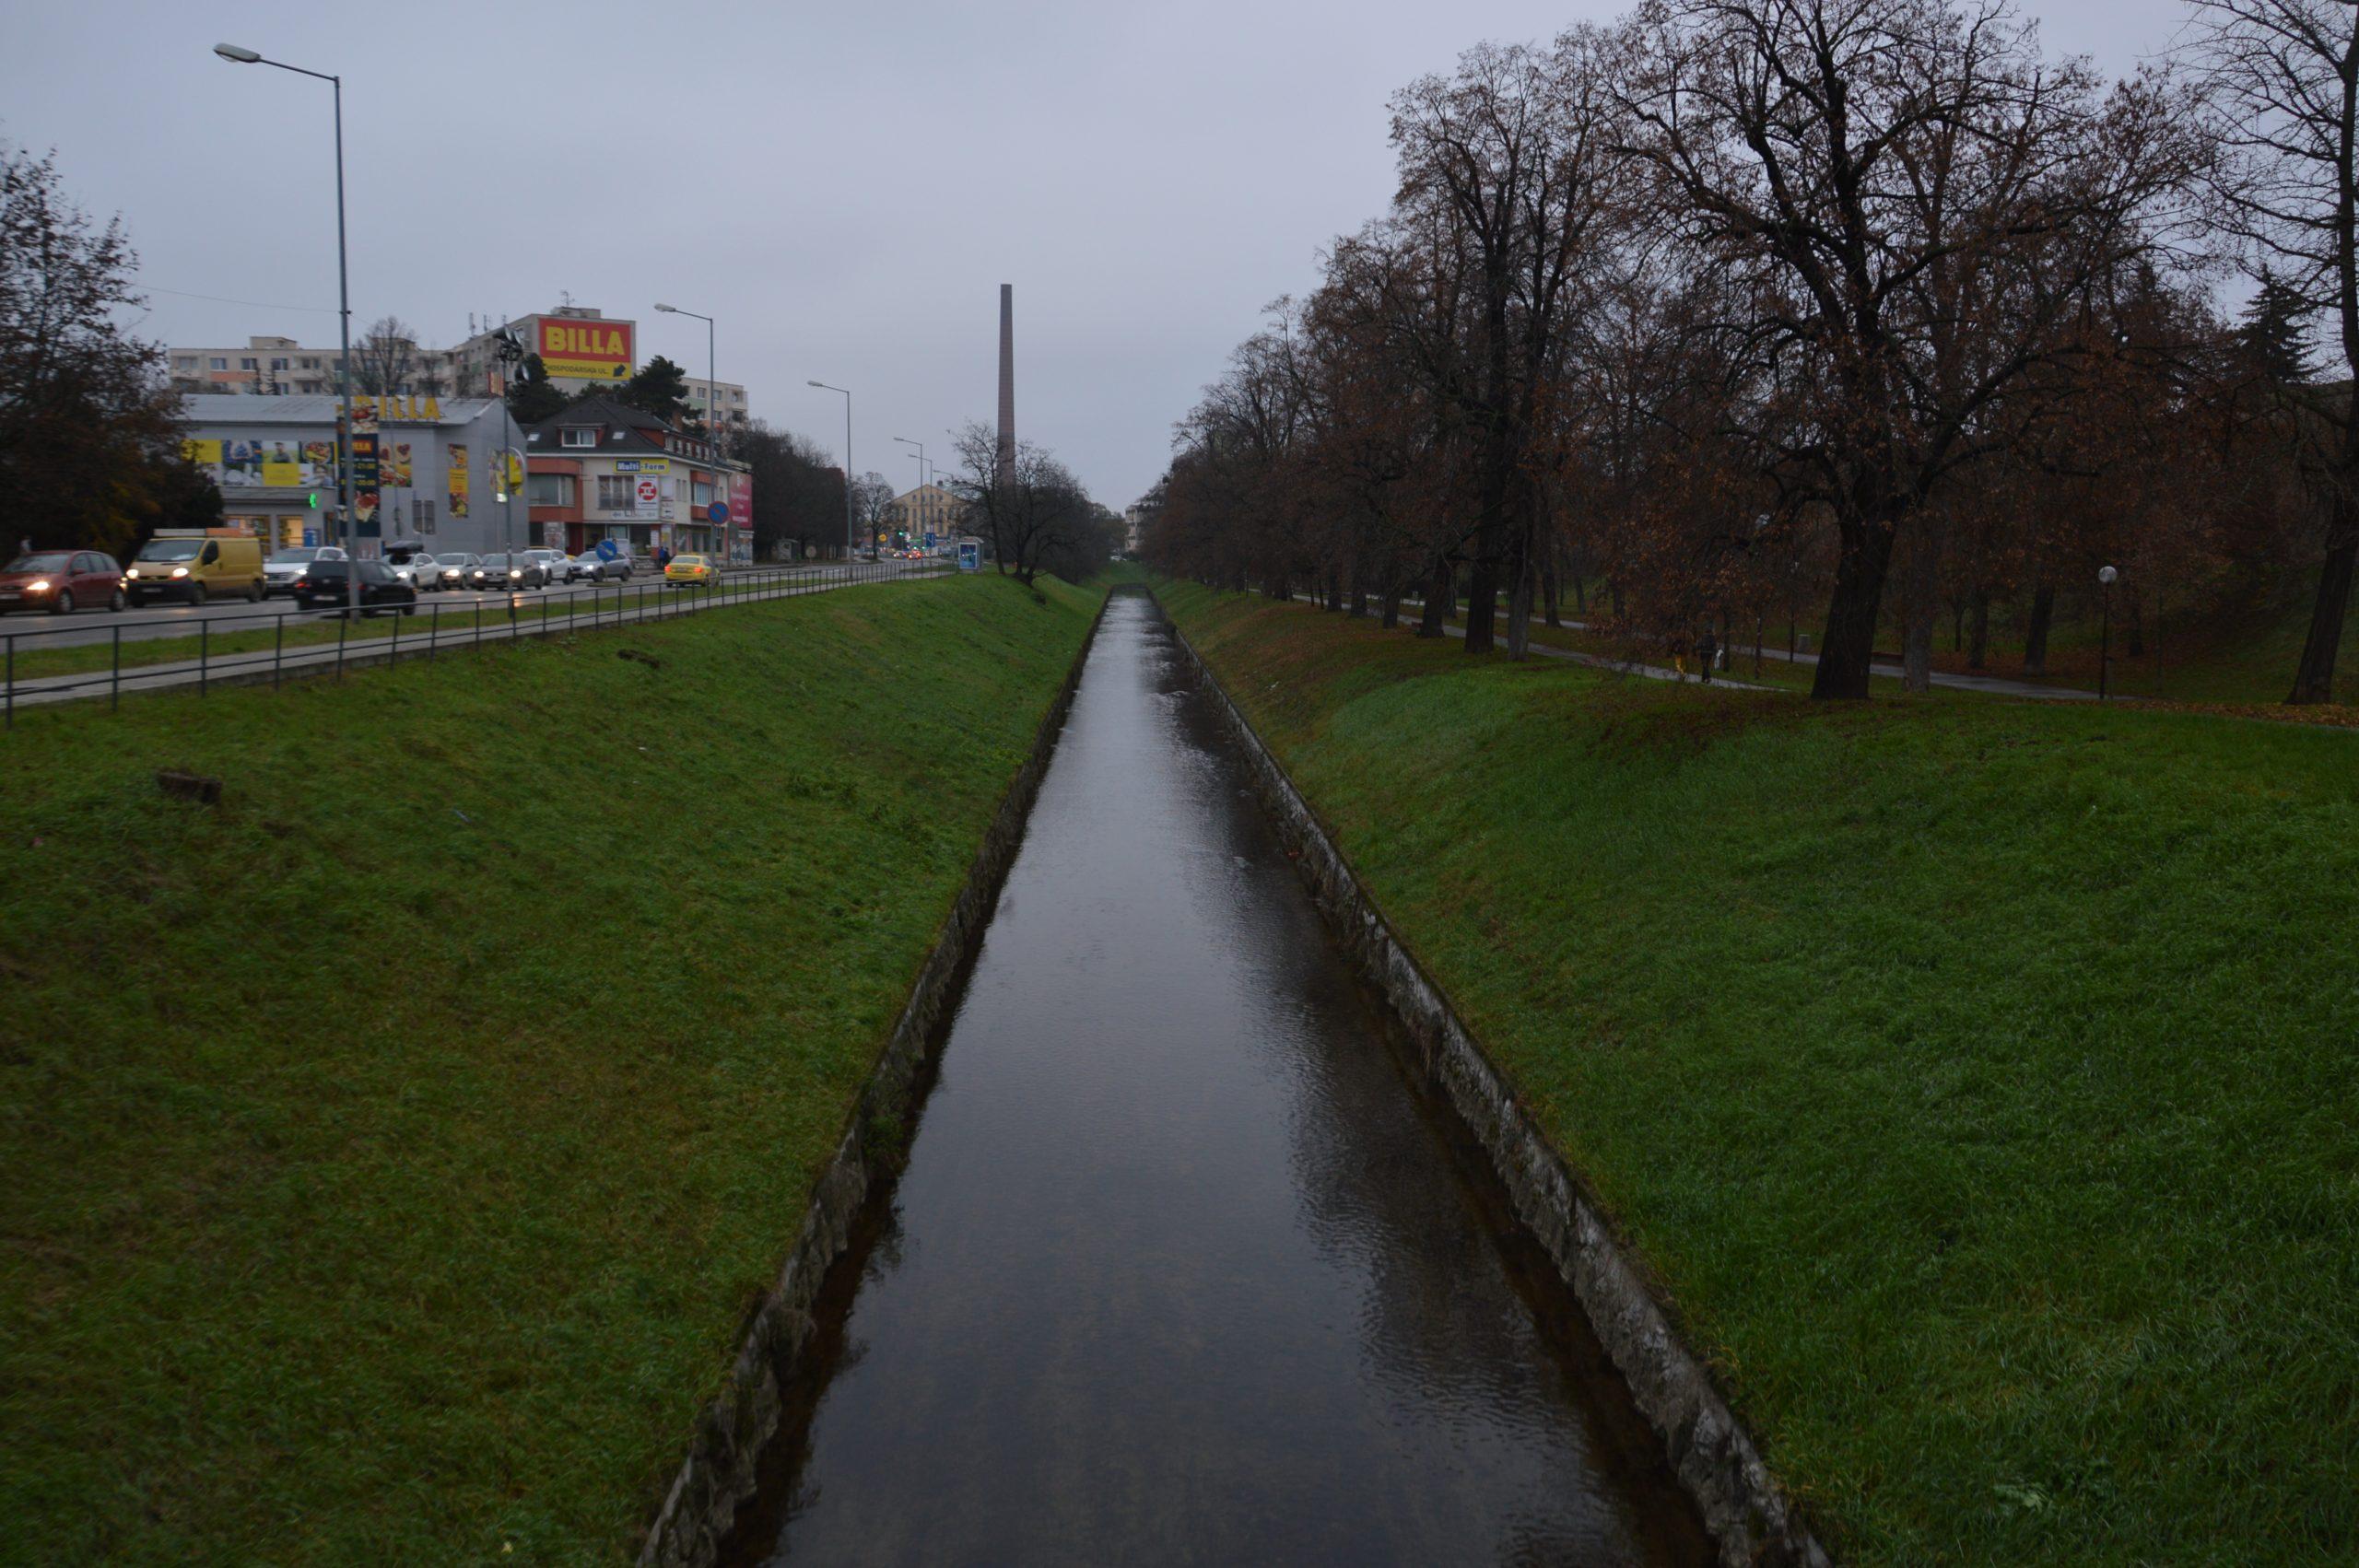 Riečka Trnávka, pohľad smerom k mlynu a cukrovaru. Zdroj: Daniel Bíro